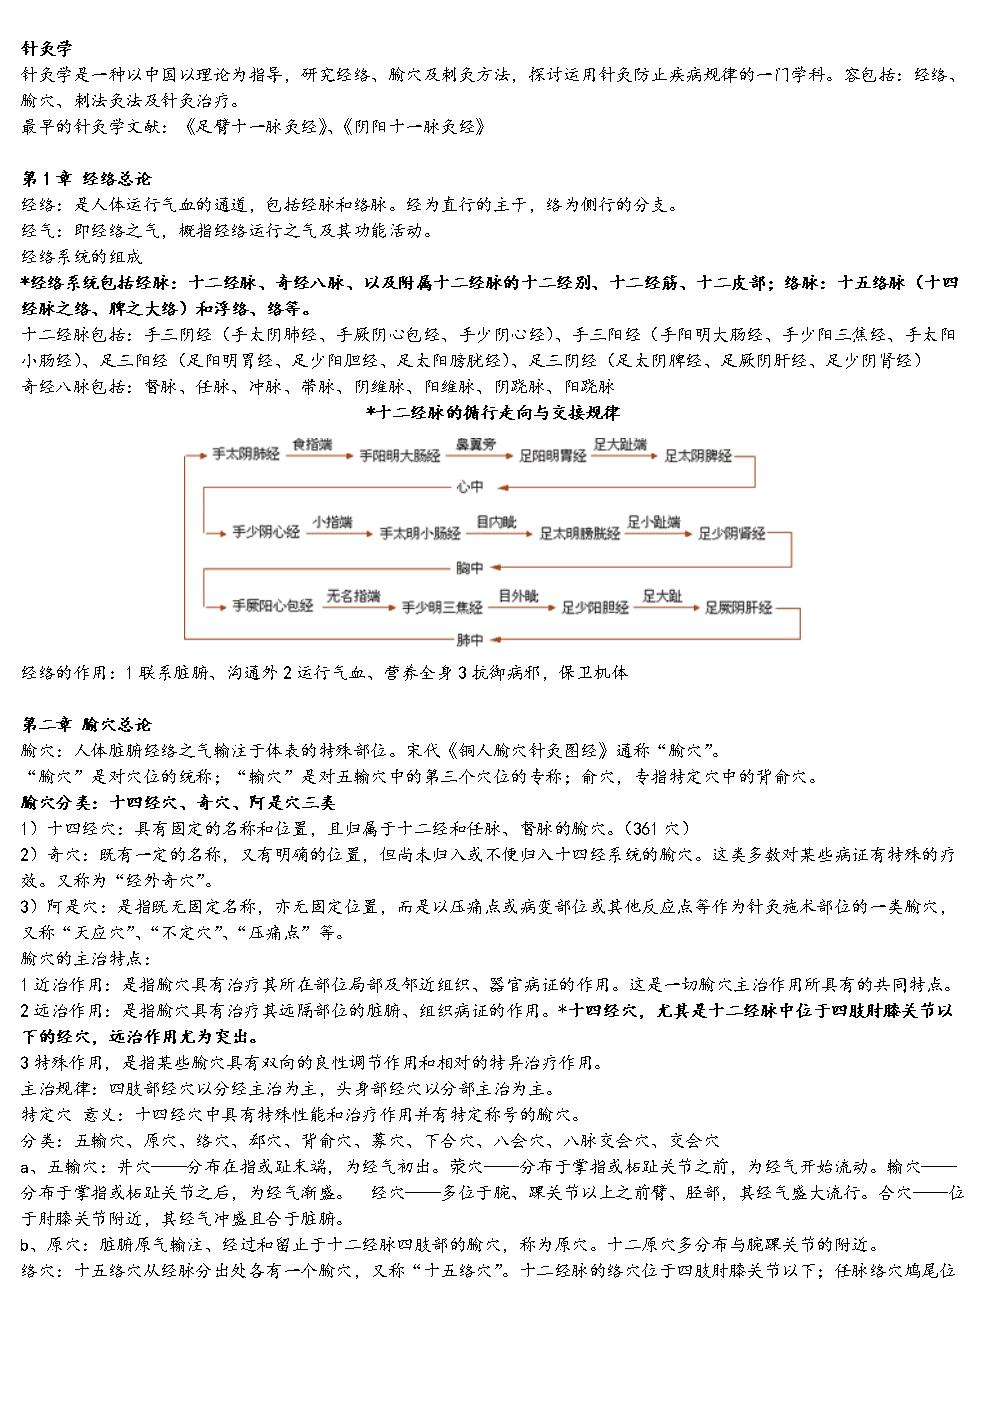 针灸学重点总结材料.doc